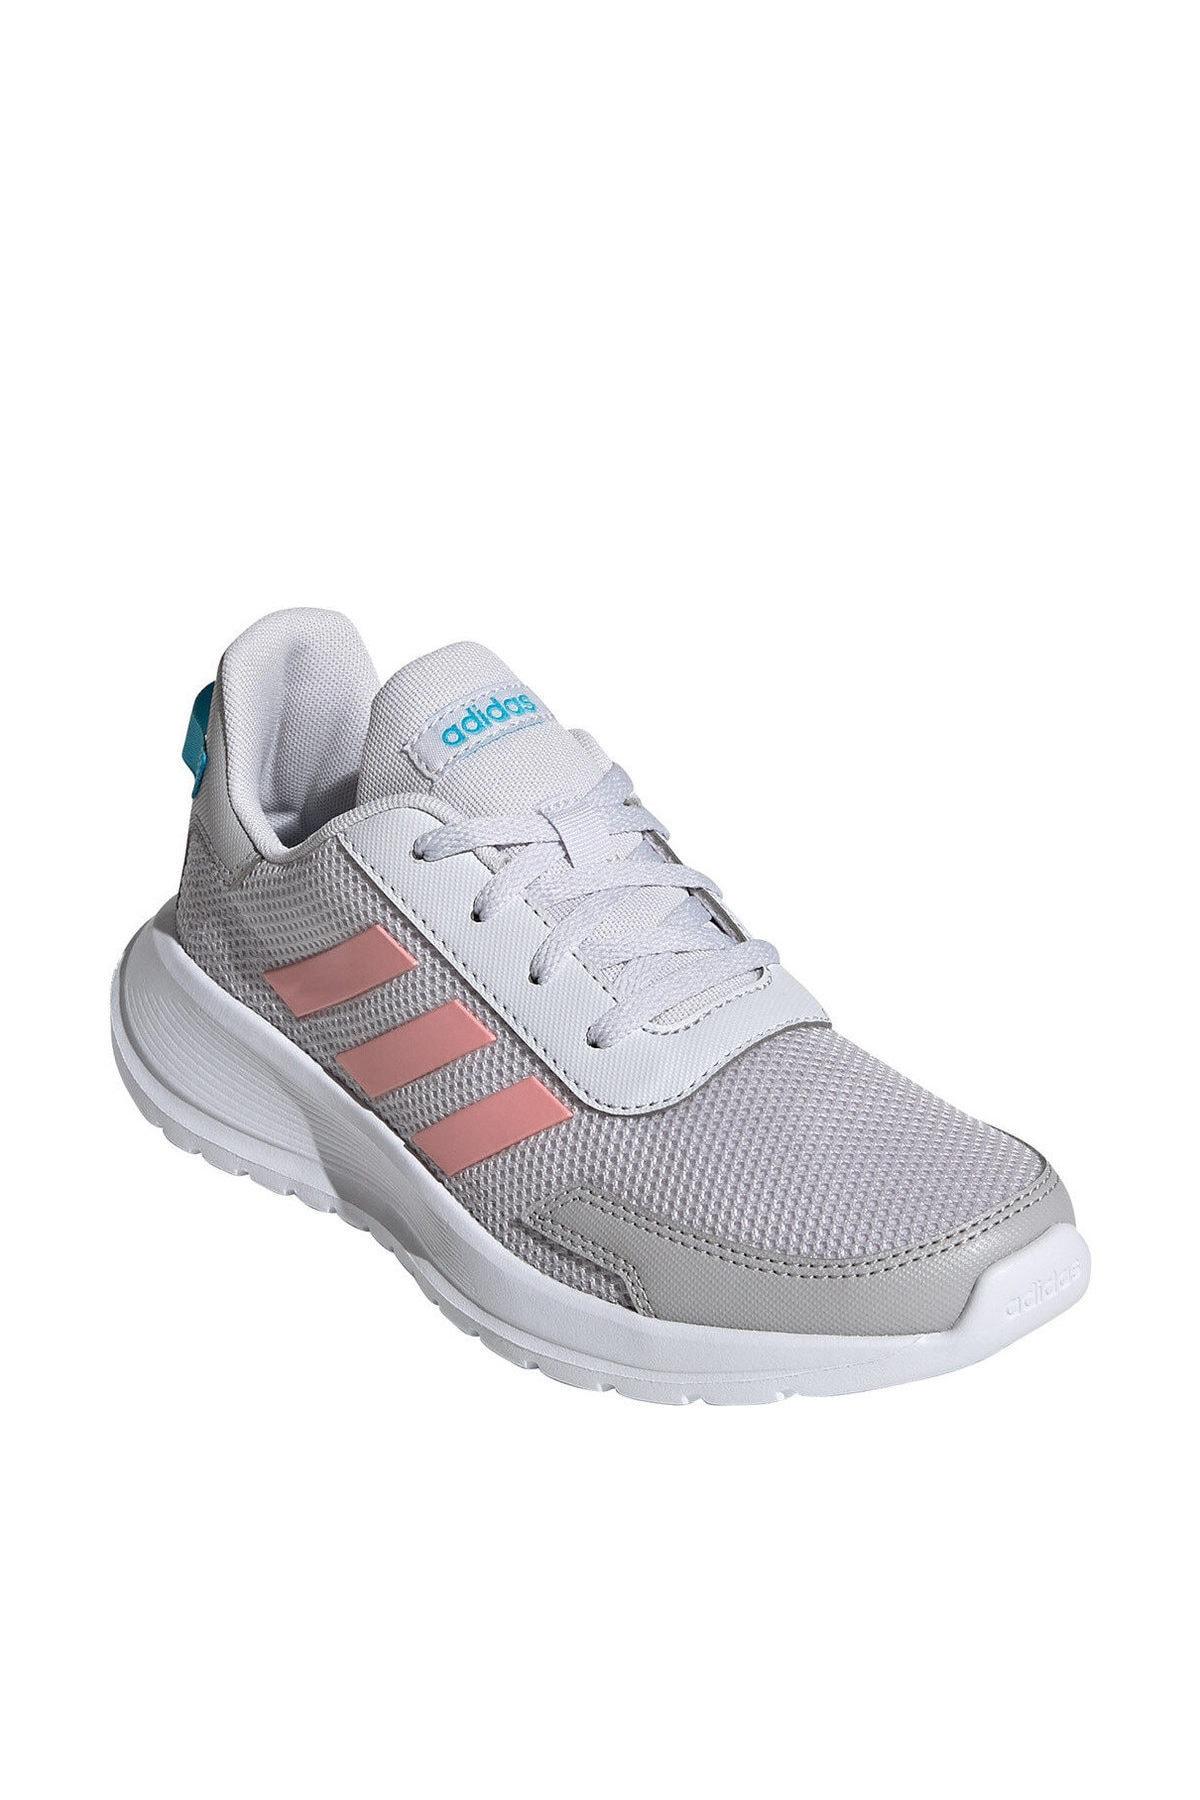 adidas TENSAUR RUN K Çocuk Koşu Ayakkabısı 1